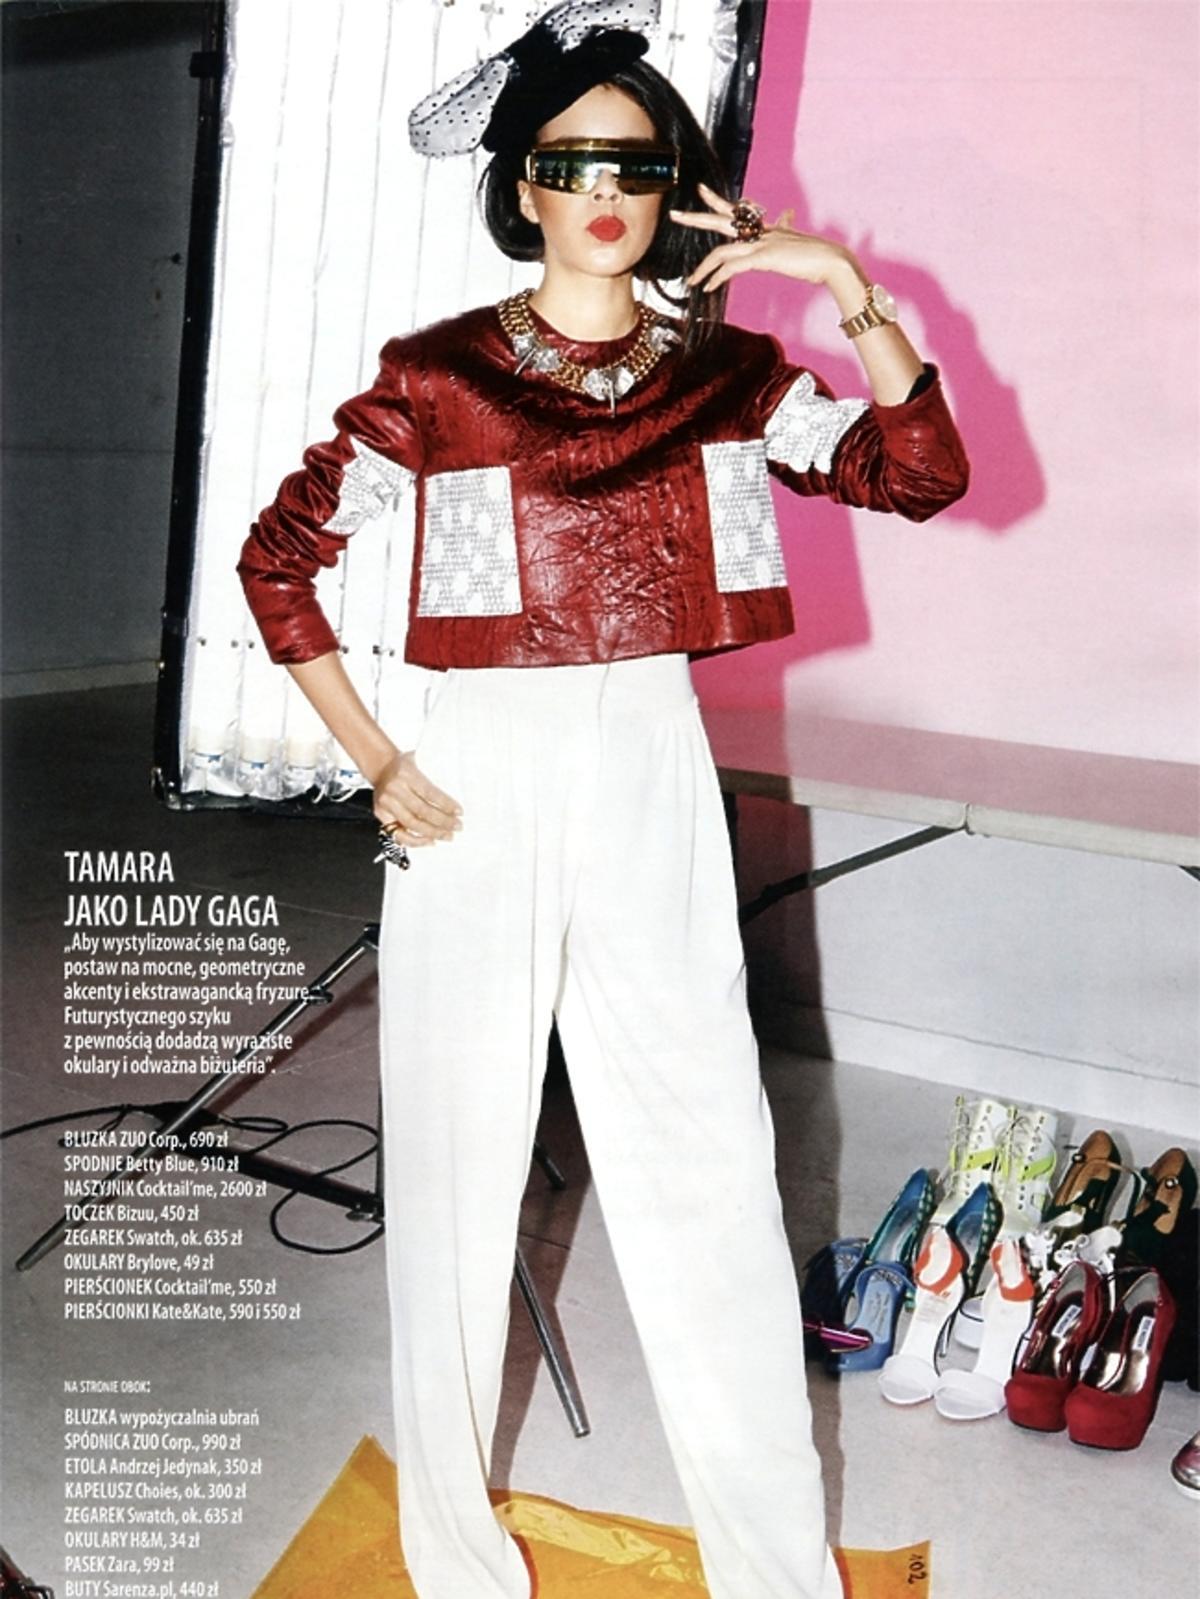 Tamara jako Lady Gaga w sesji dla Glamour